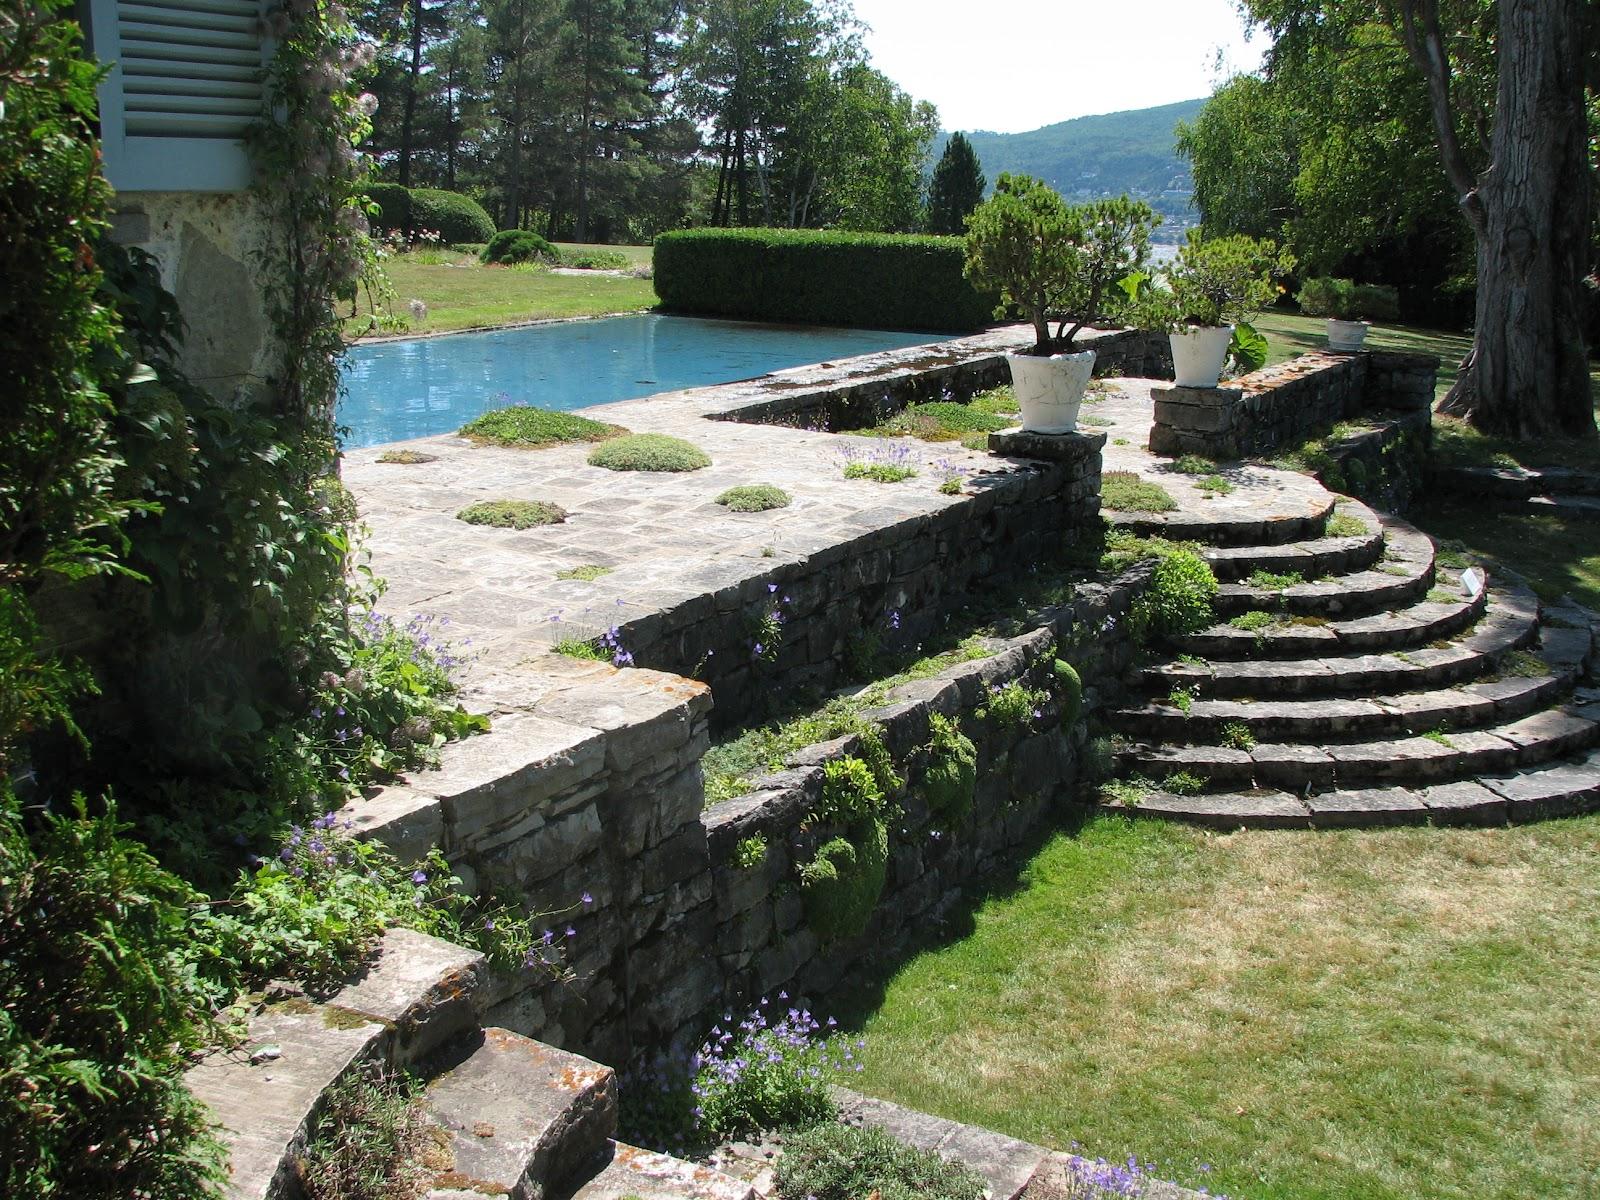 La nature son meilleur les jardins de quatre vents for Le jardin des 4 vents